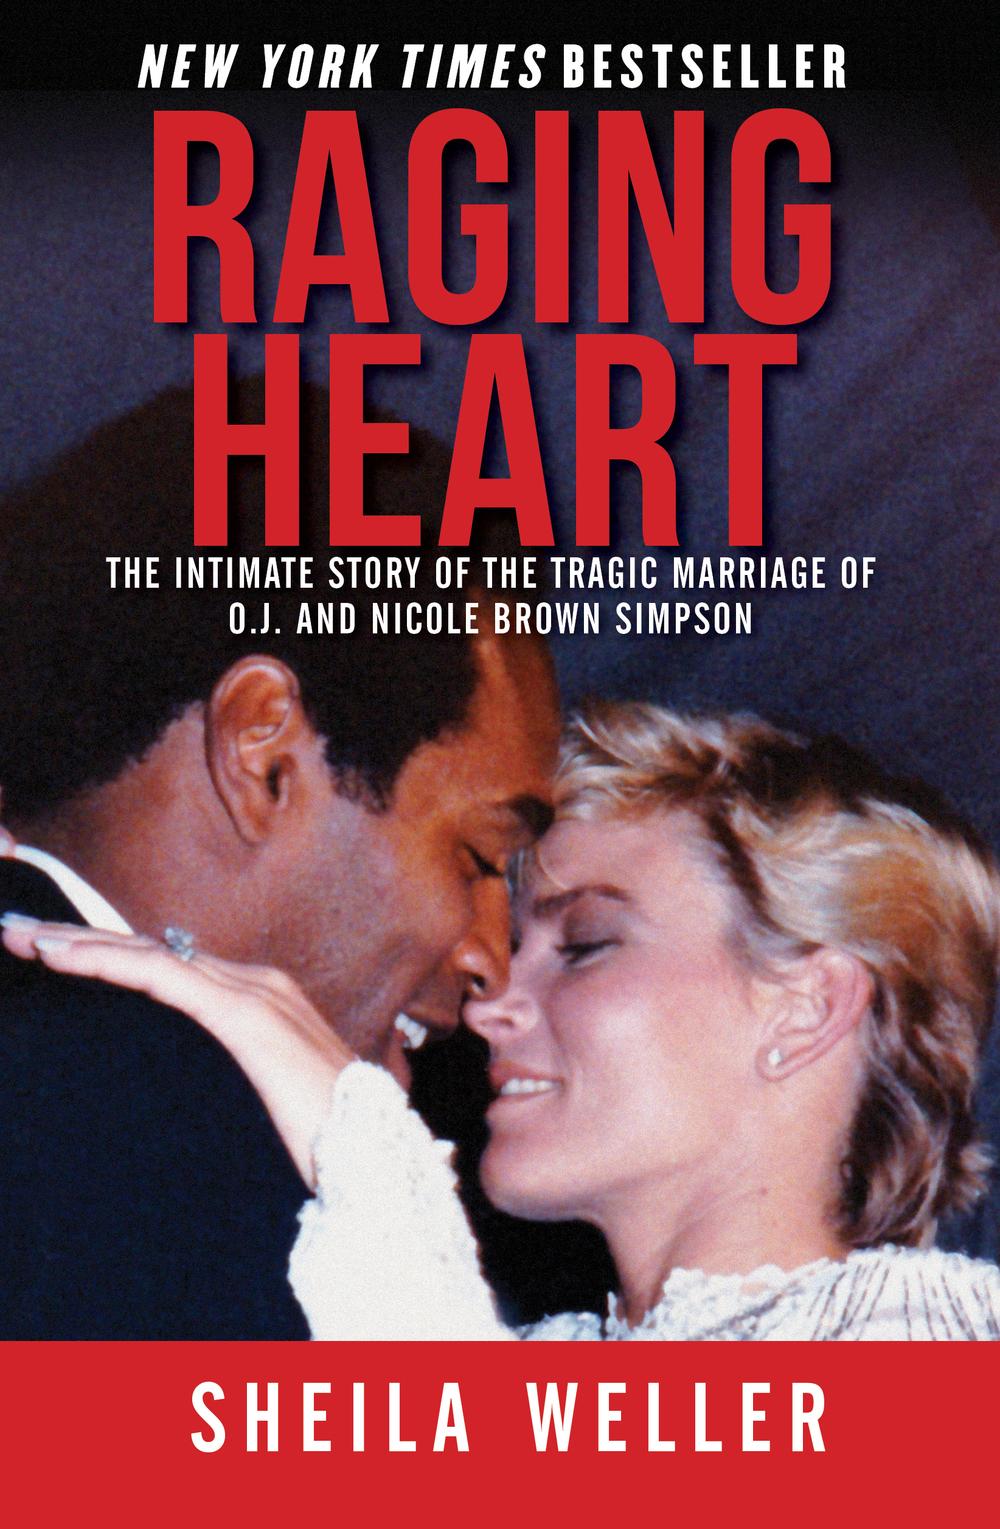 Raging Heart by Sheila Weller